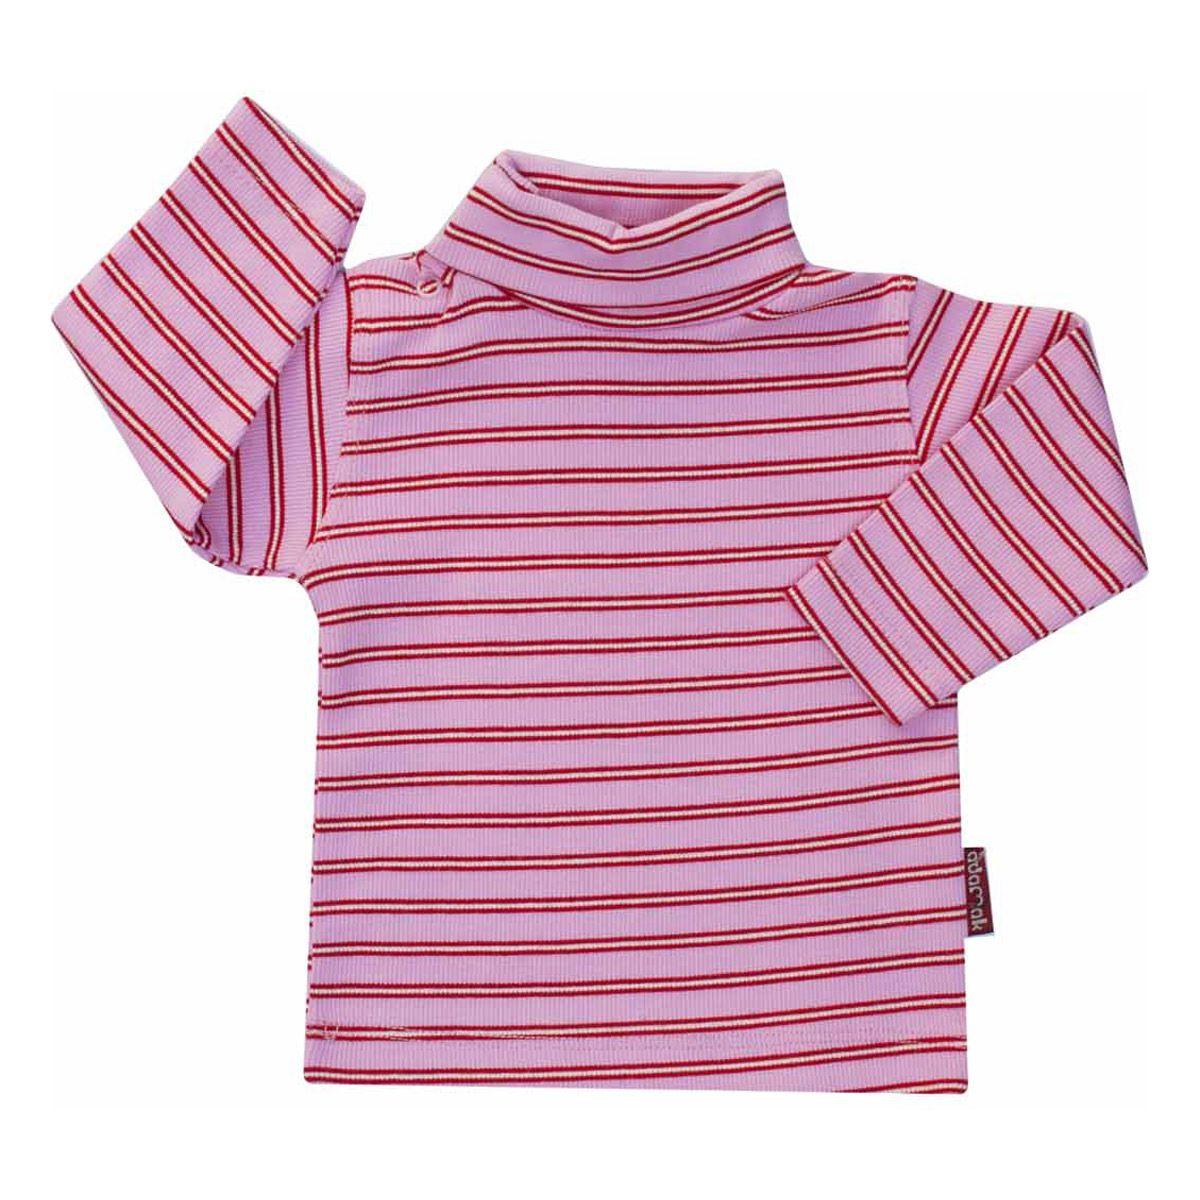 تی شرت دخترانه آدمک طرح راه راه کد 7-1444011 -  - 2